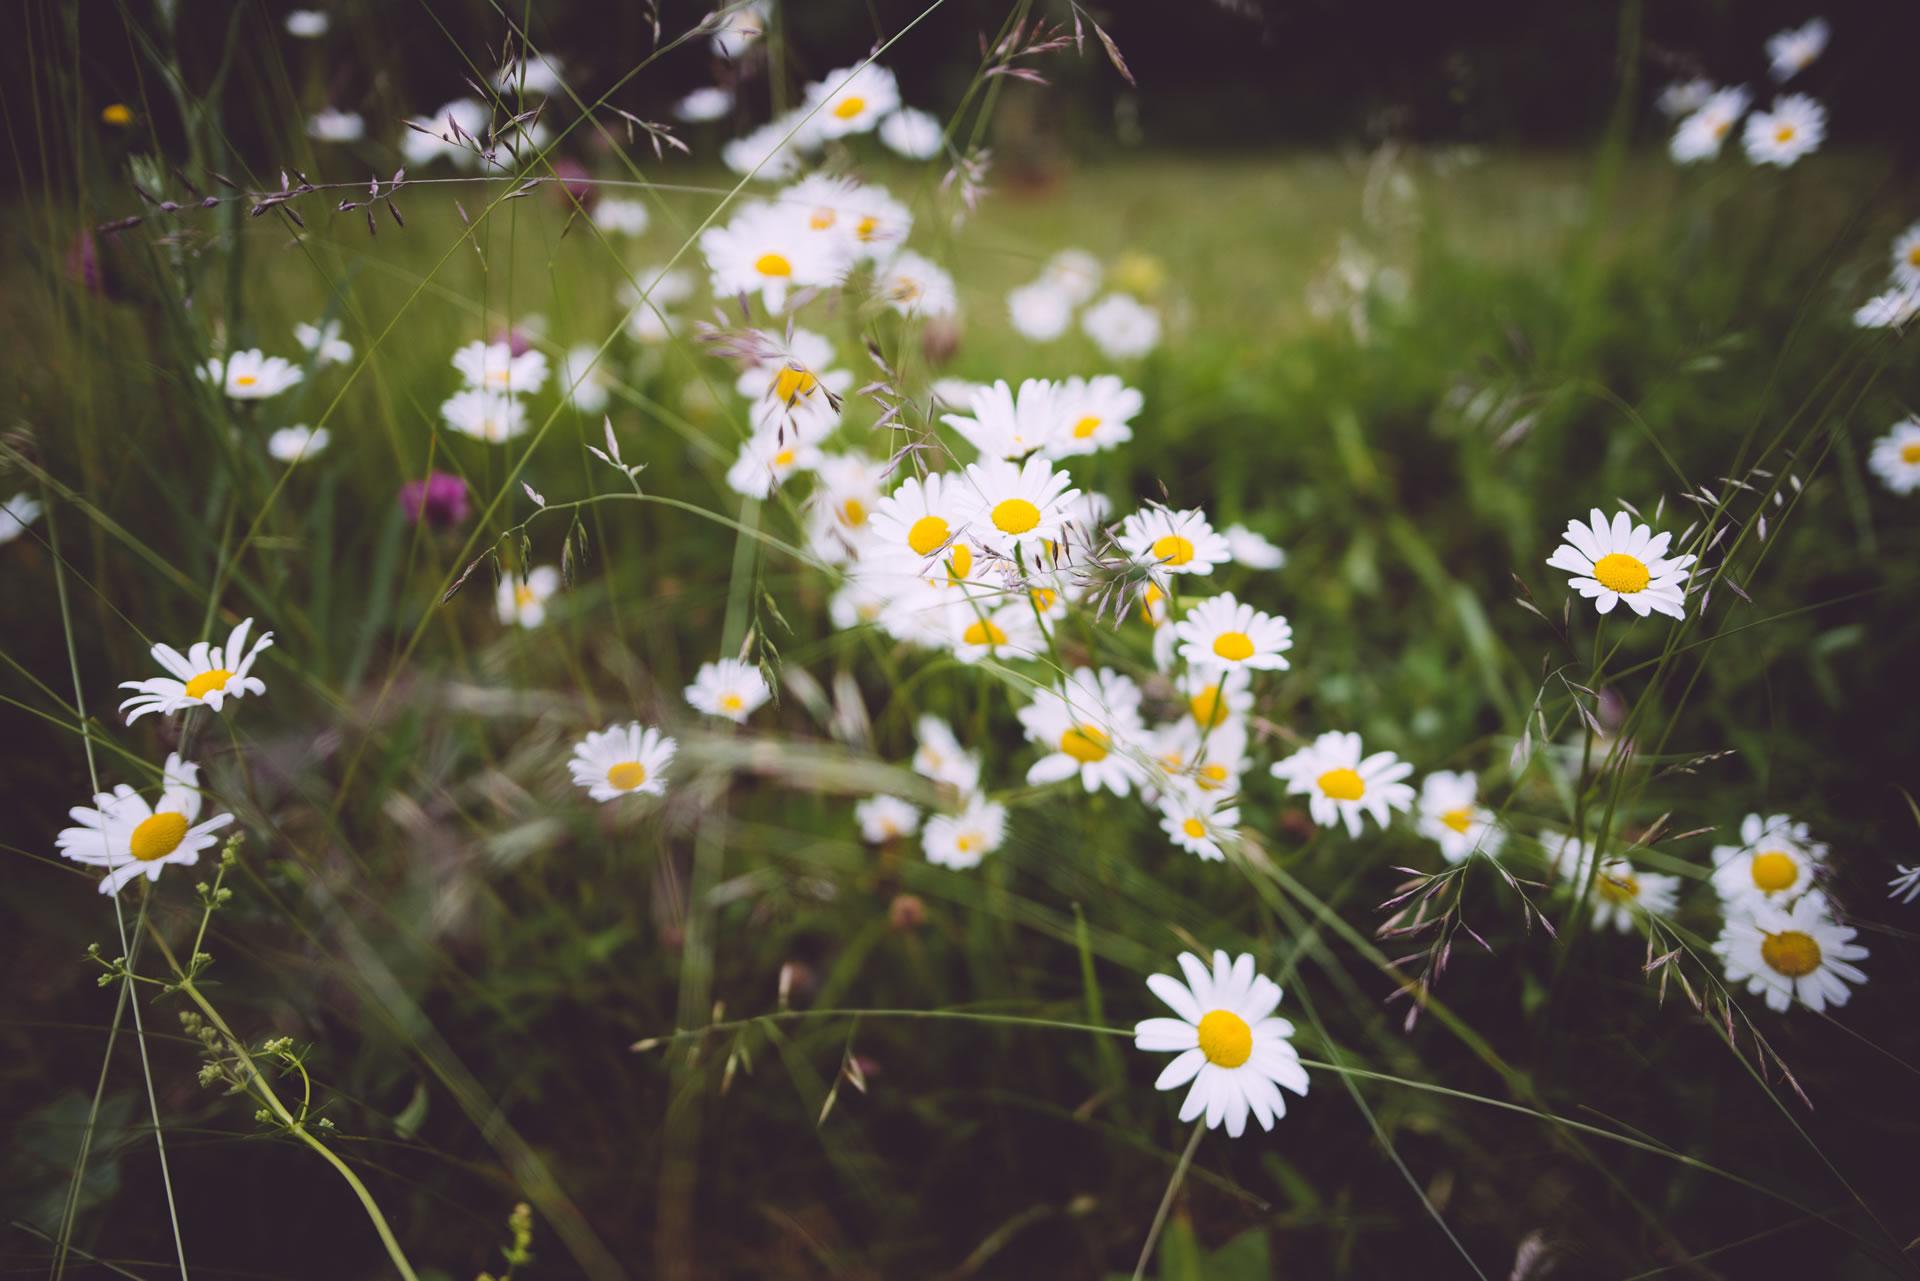 download wallpaper: zomerbloemen in het veld wallpaper